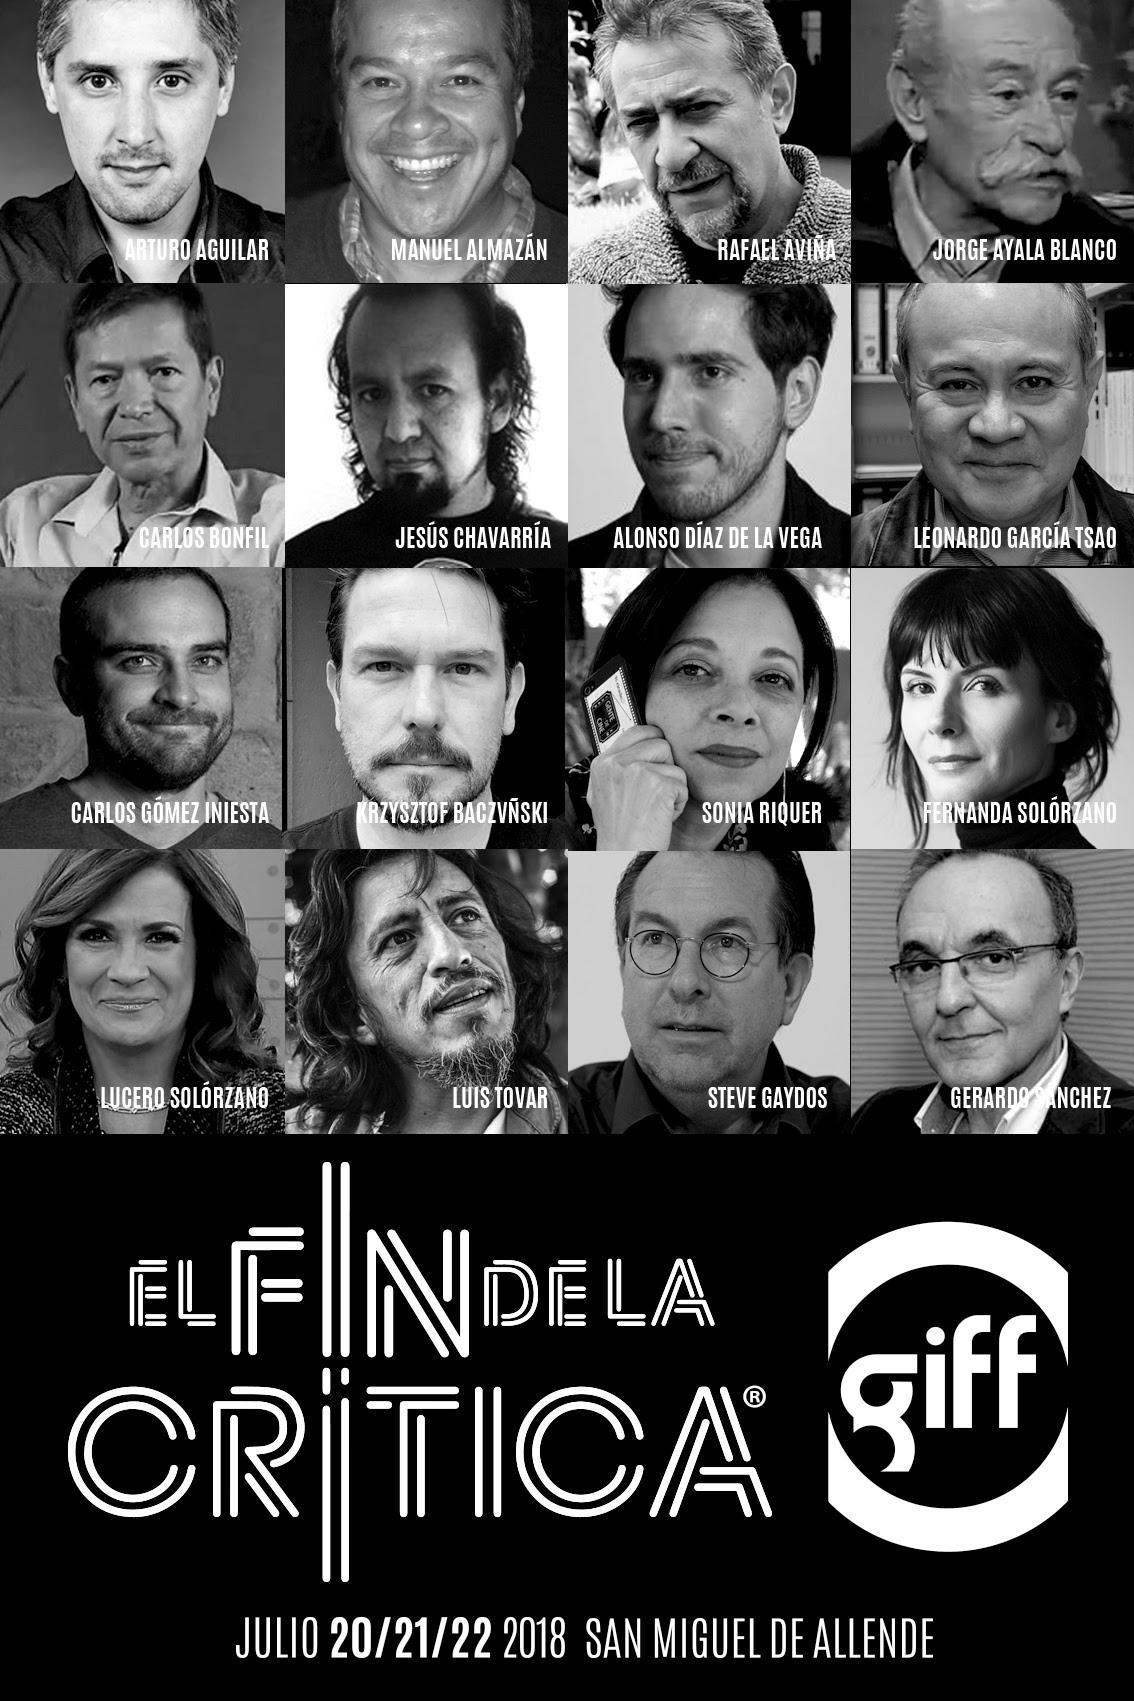 GIFF anuncia el salón, el taller y el fin de la crítica